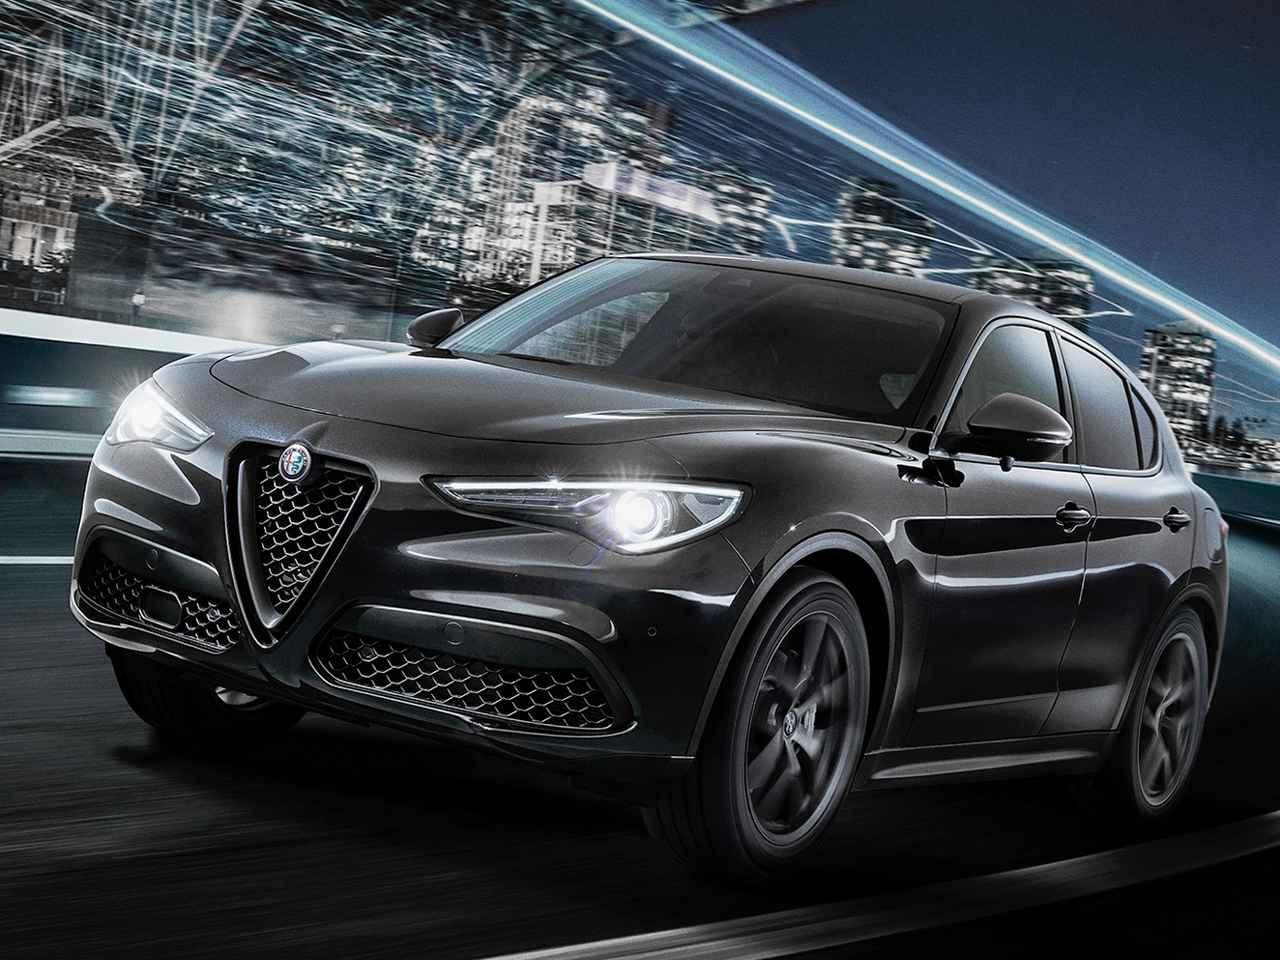 アルファロメオ ステルヴィオに限定車「2.0ターボ Q4 モノクロームエディション」が登場